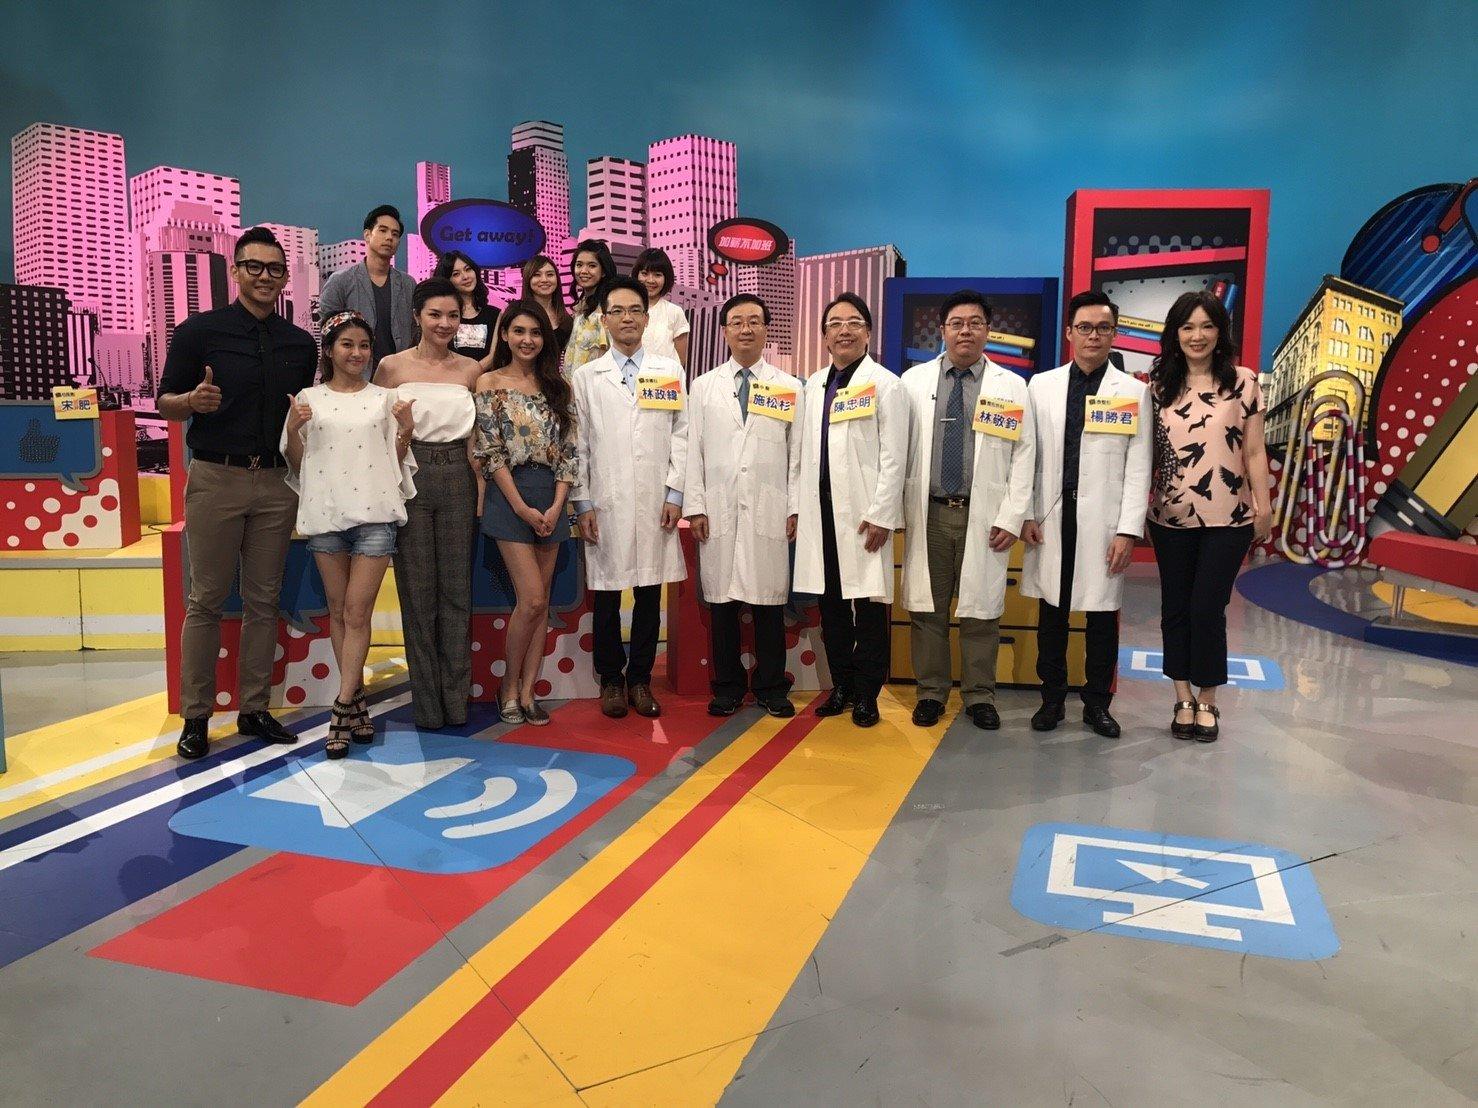 林敬鈞獲選TVBS上班這黨事名人御用醫師,與眾位醫師一起暢談整形醫美祕辛與相關新知